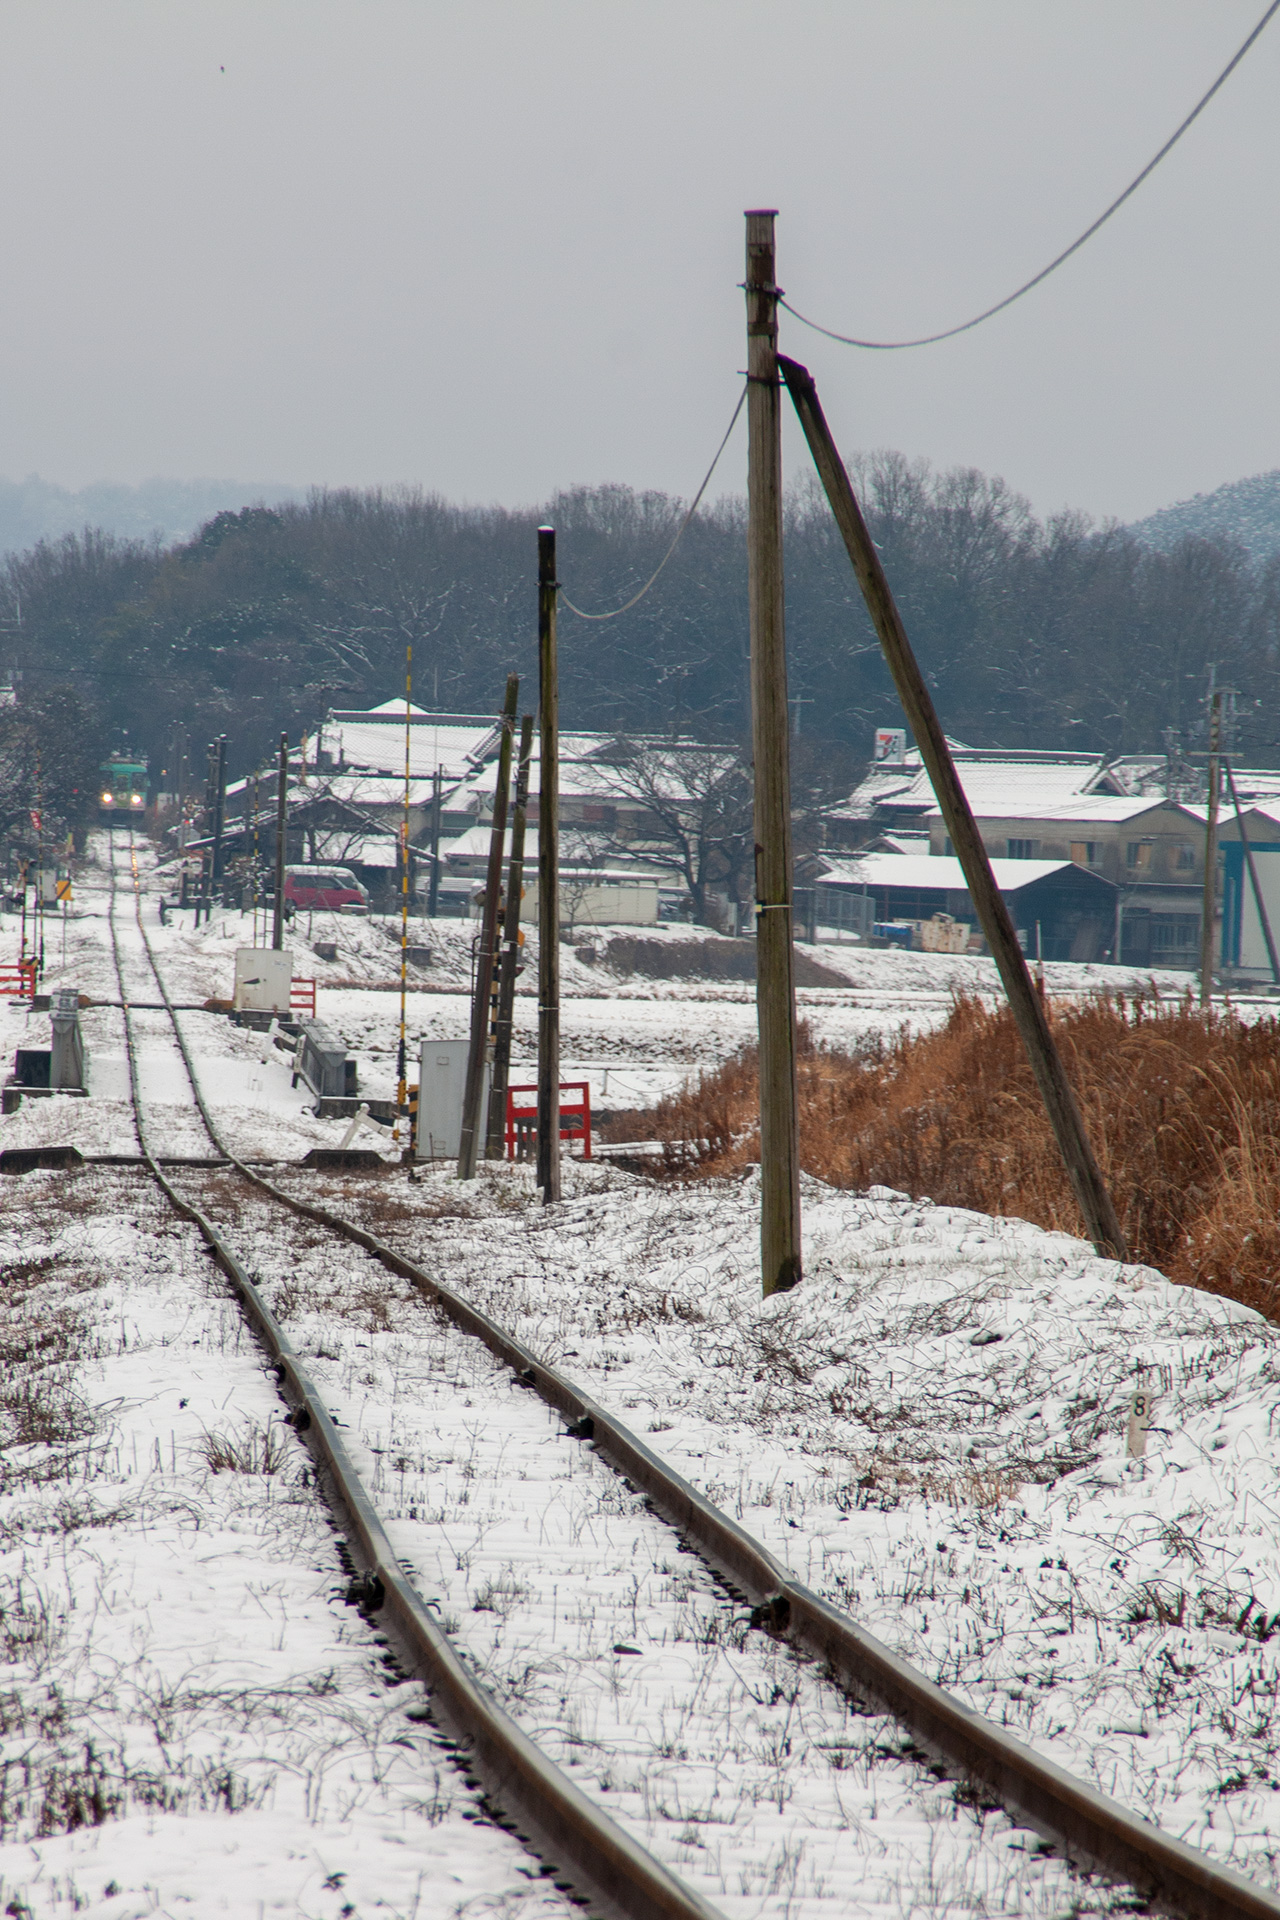 北条鉄道の写真(フリー素材)